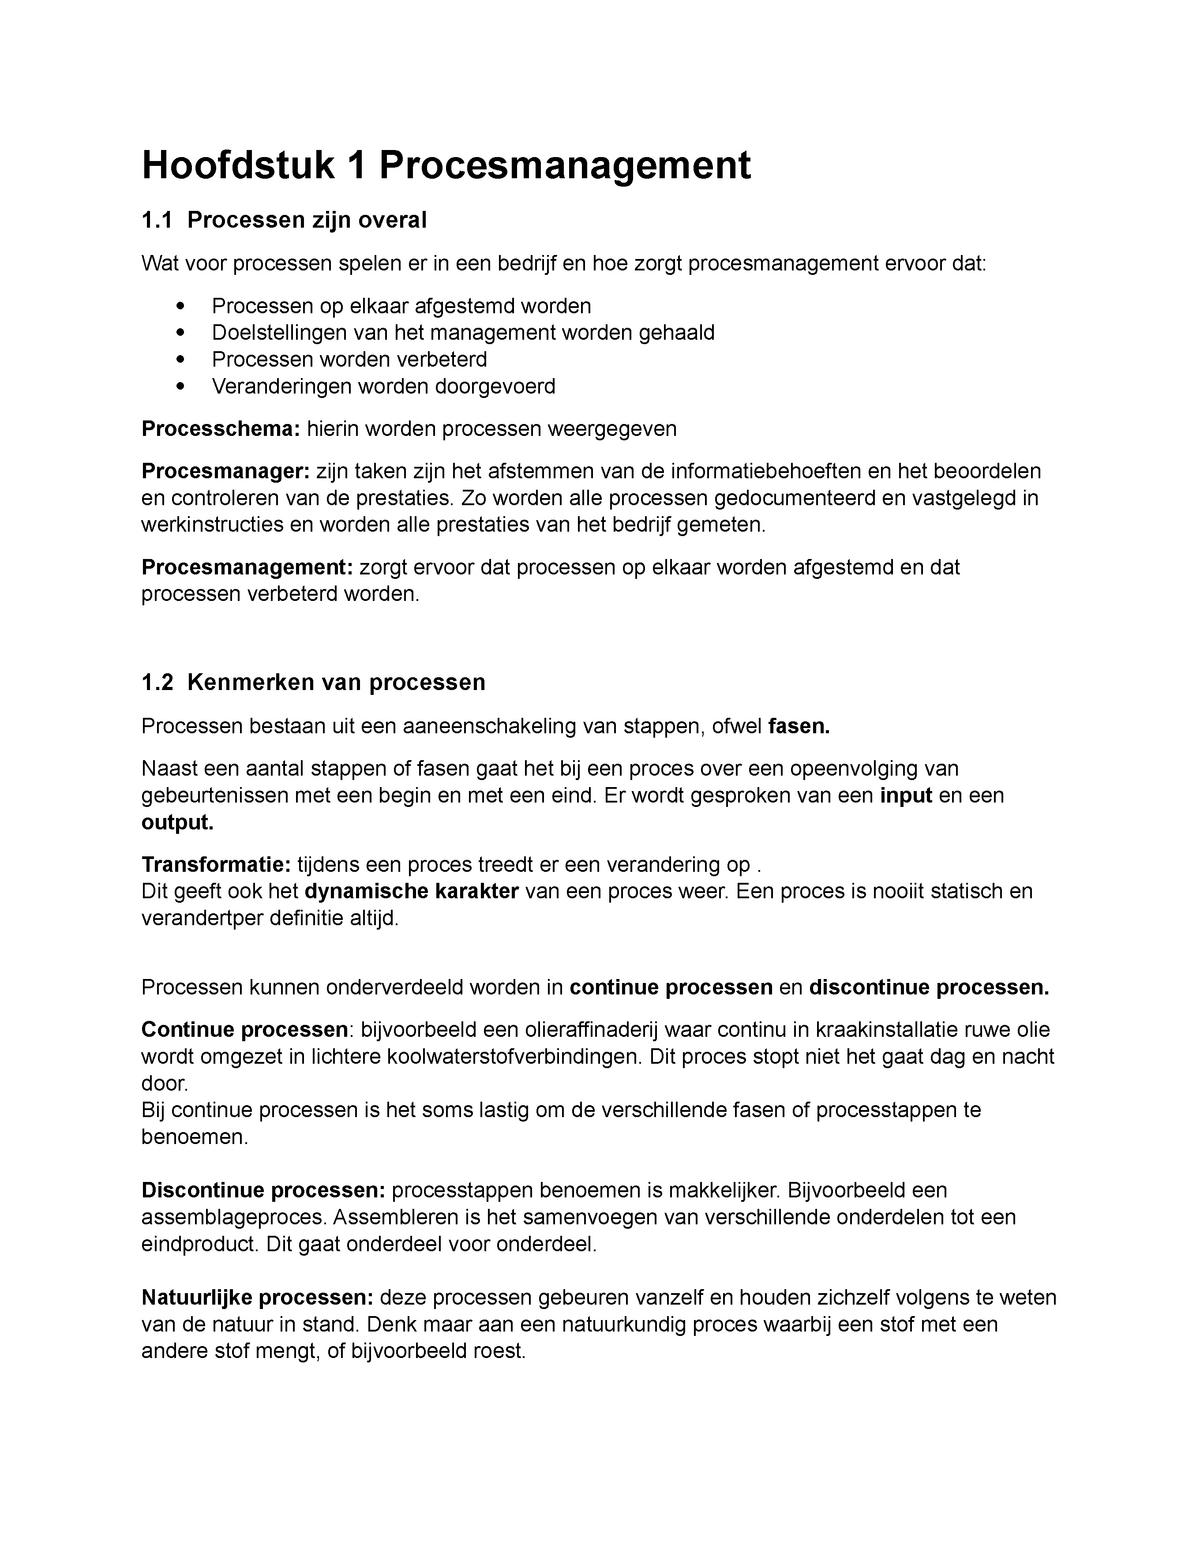 Hoofdstuk 1 Procesmanagement Ebc2050 Studeersnel